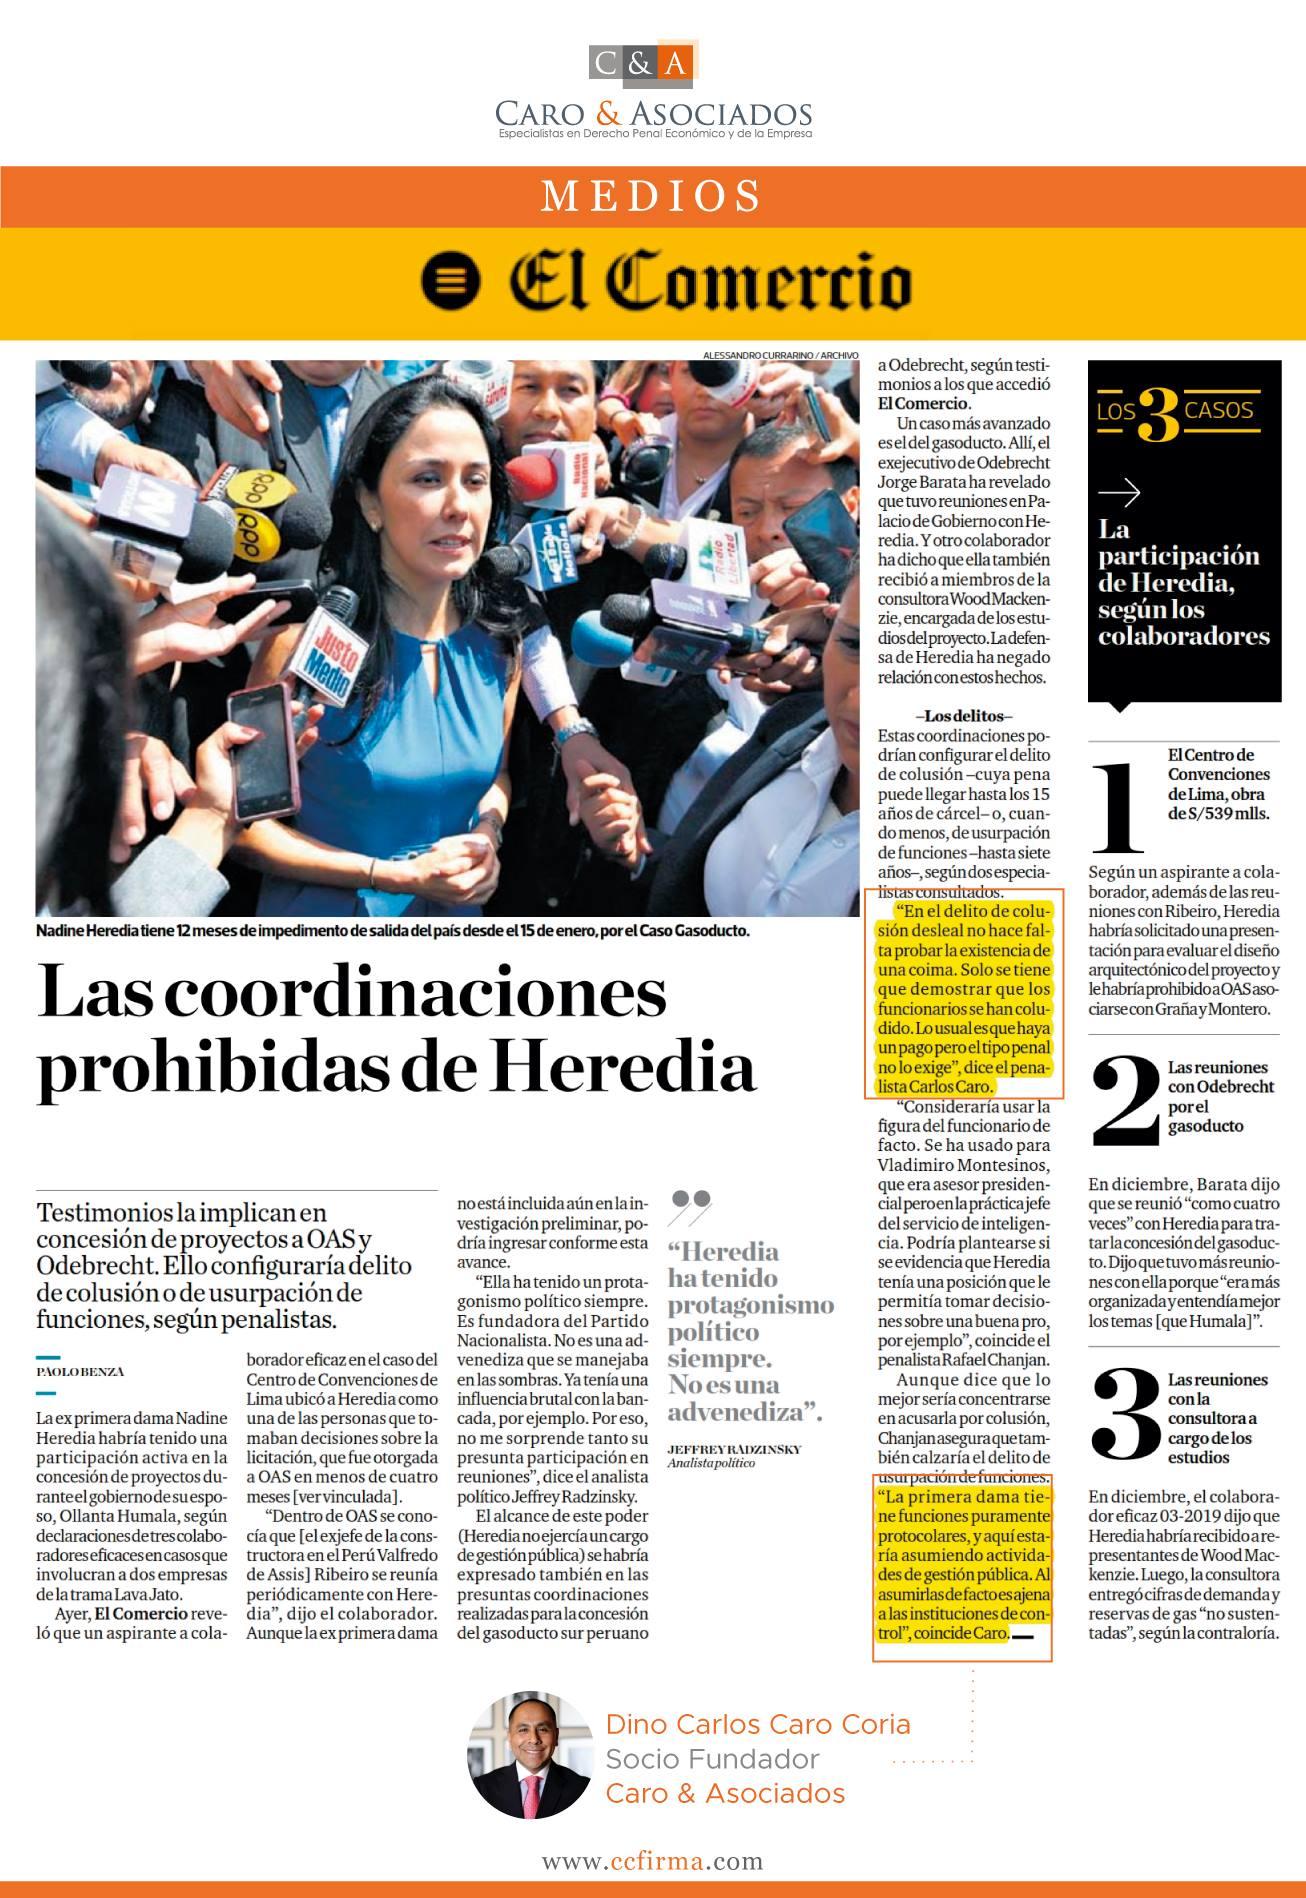 Los Presuntos Delitos Que Podría Haber Incurrido La Ex Primera Dama, Nadine Heredia, Por Coordinaciones Para La Concesión De Proyectos A OAS Y Odebrecht